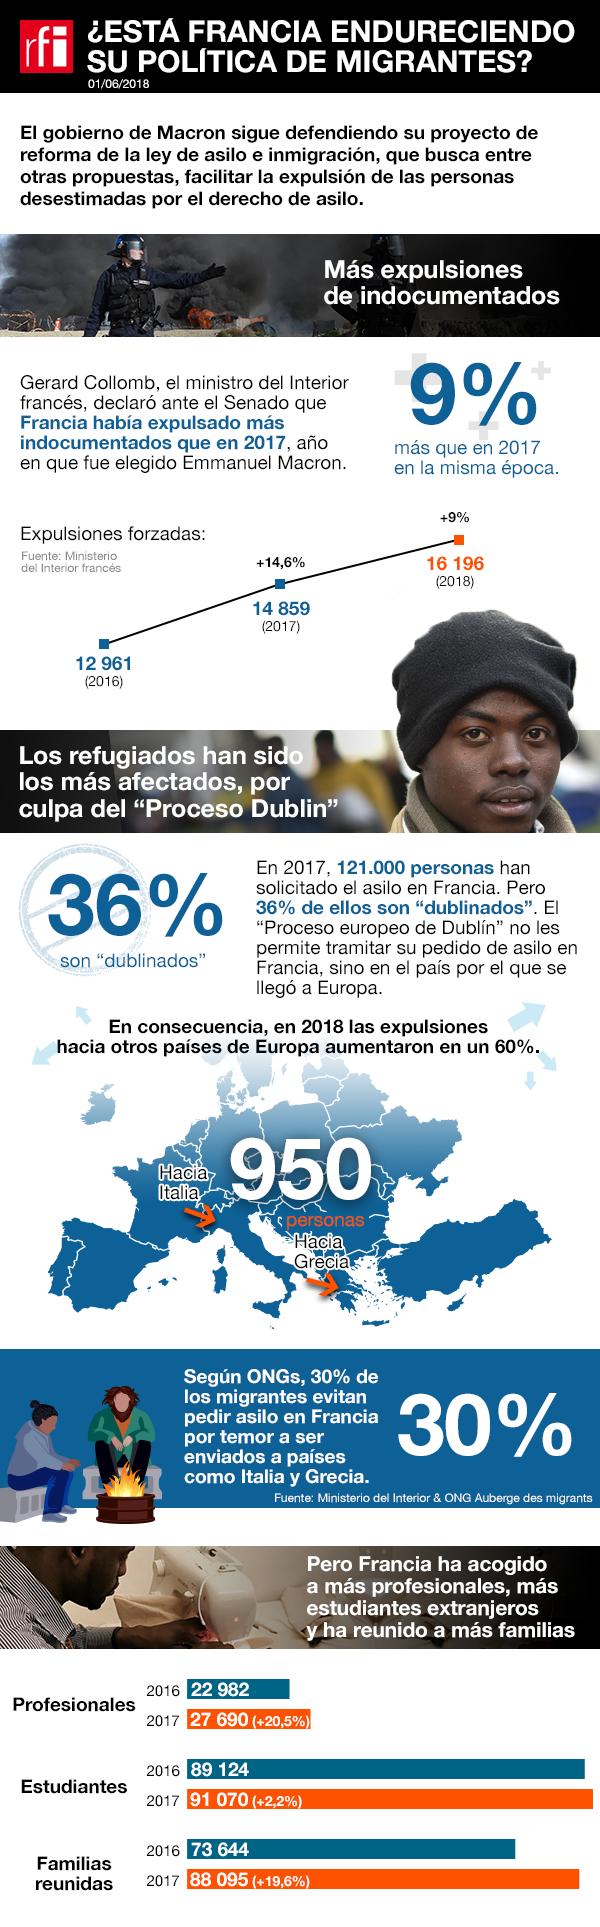 Infografía: ¿Está Francia endureciendo su política de migrantes?